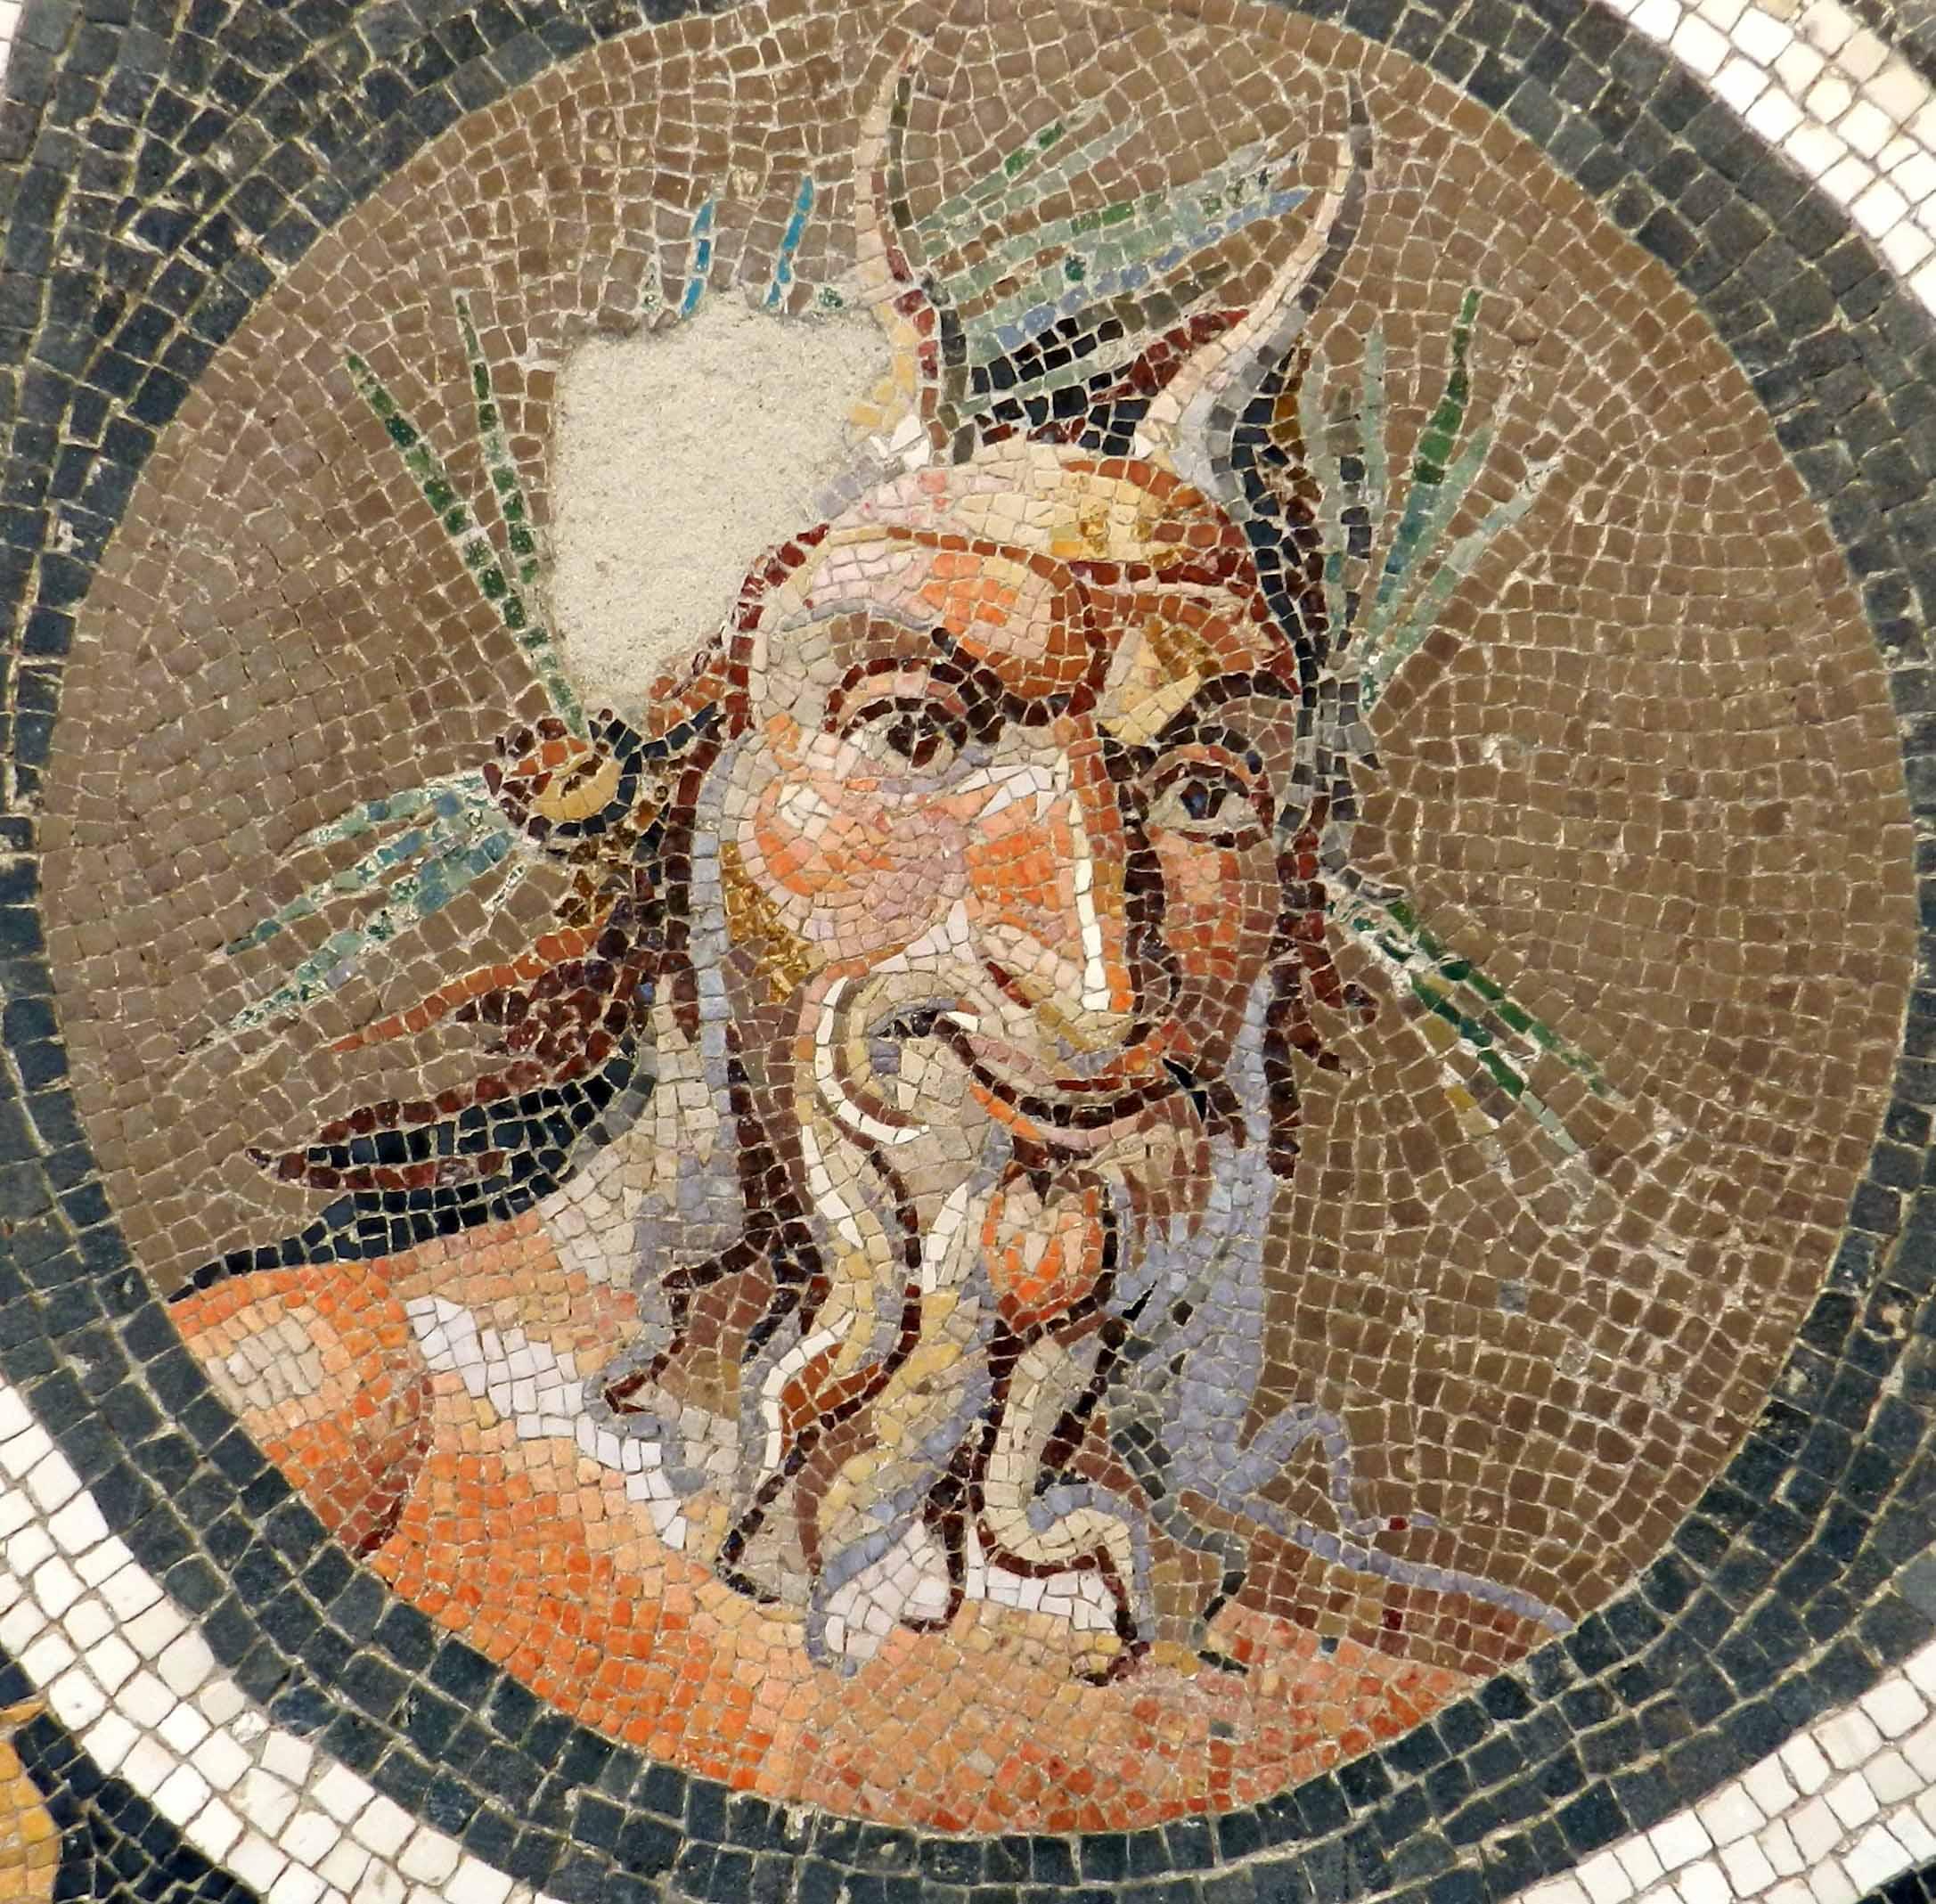 Mosaico del dios griego Pan